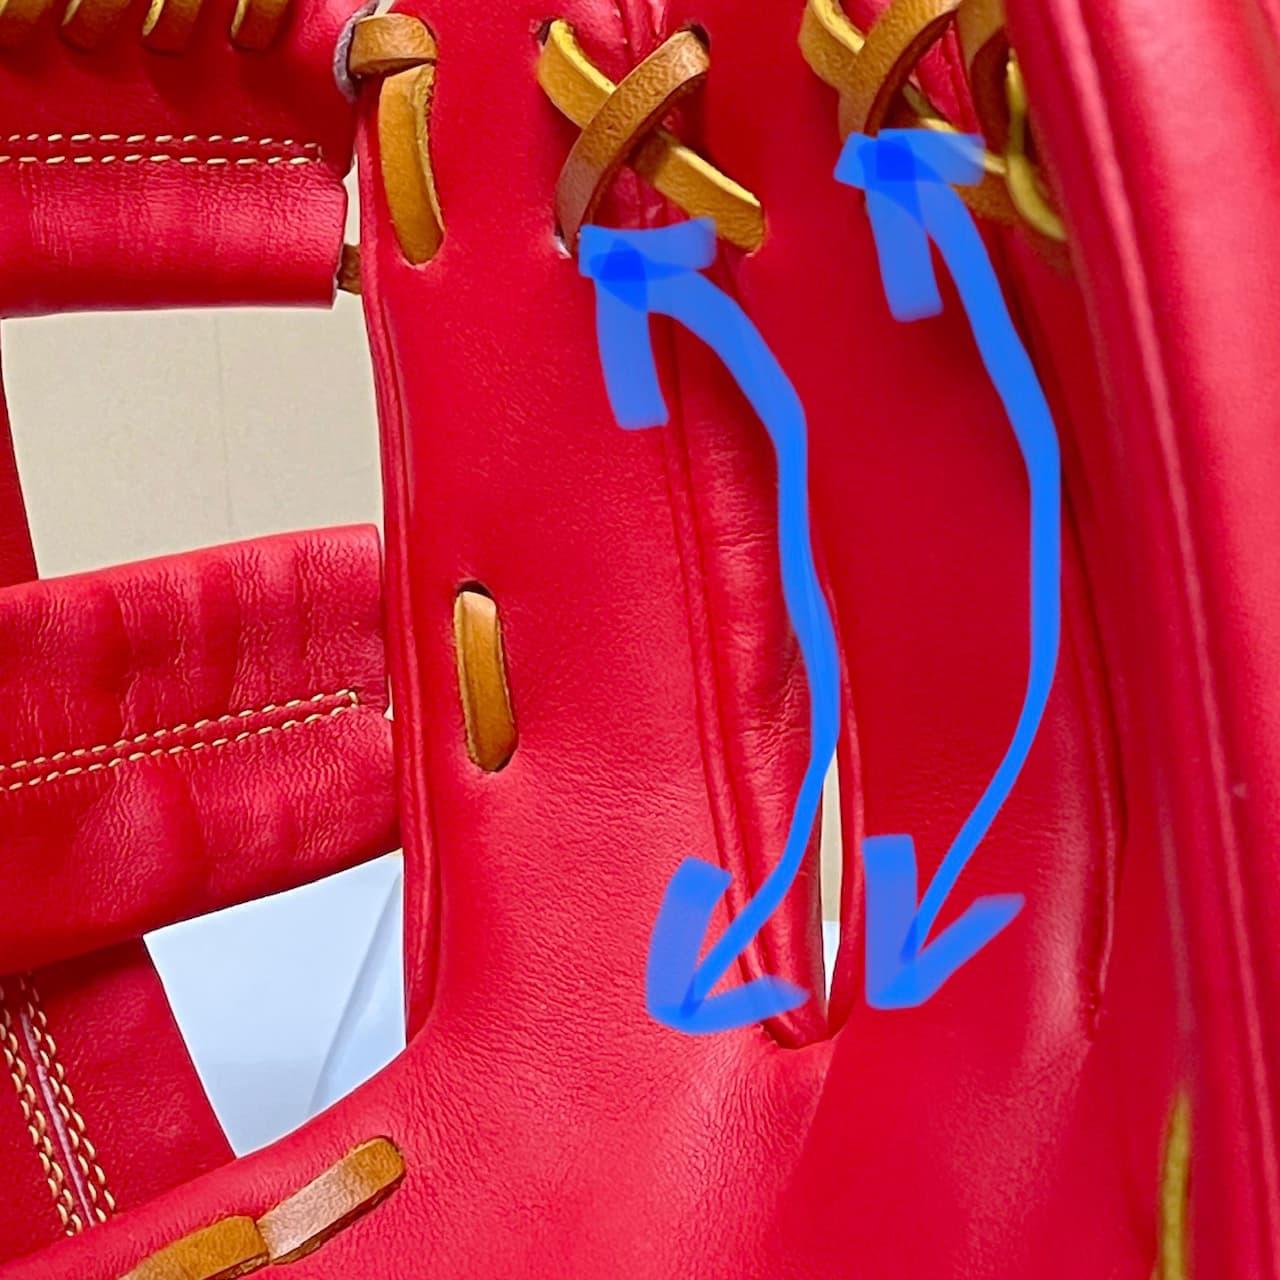 【ウイルソン】硬式野球用グラブ デュアルテクノロジー WTAHWSDLT(内野手用・右投げ)指袋にハミダシが2つつく